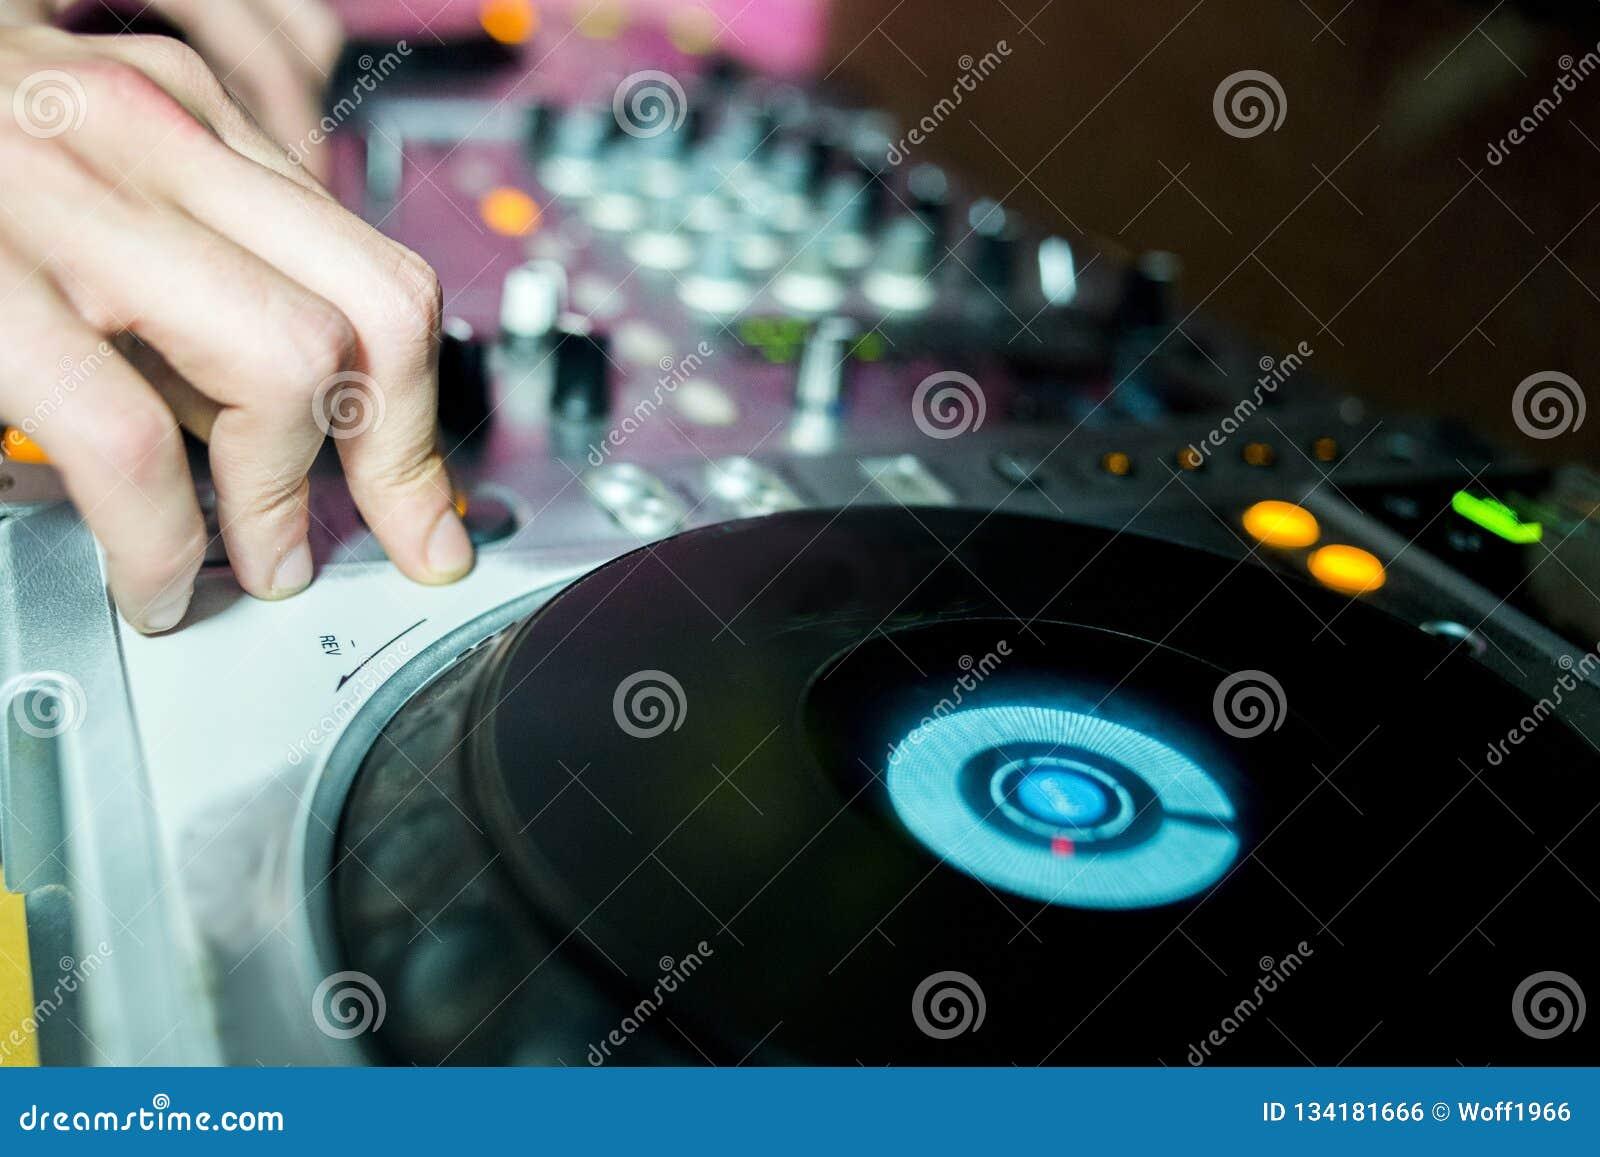 Ljudsignal klubba, konsol, kontroll